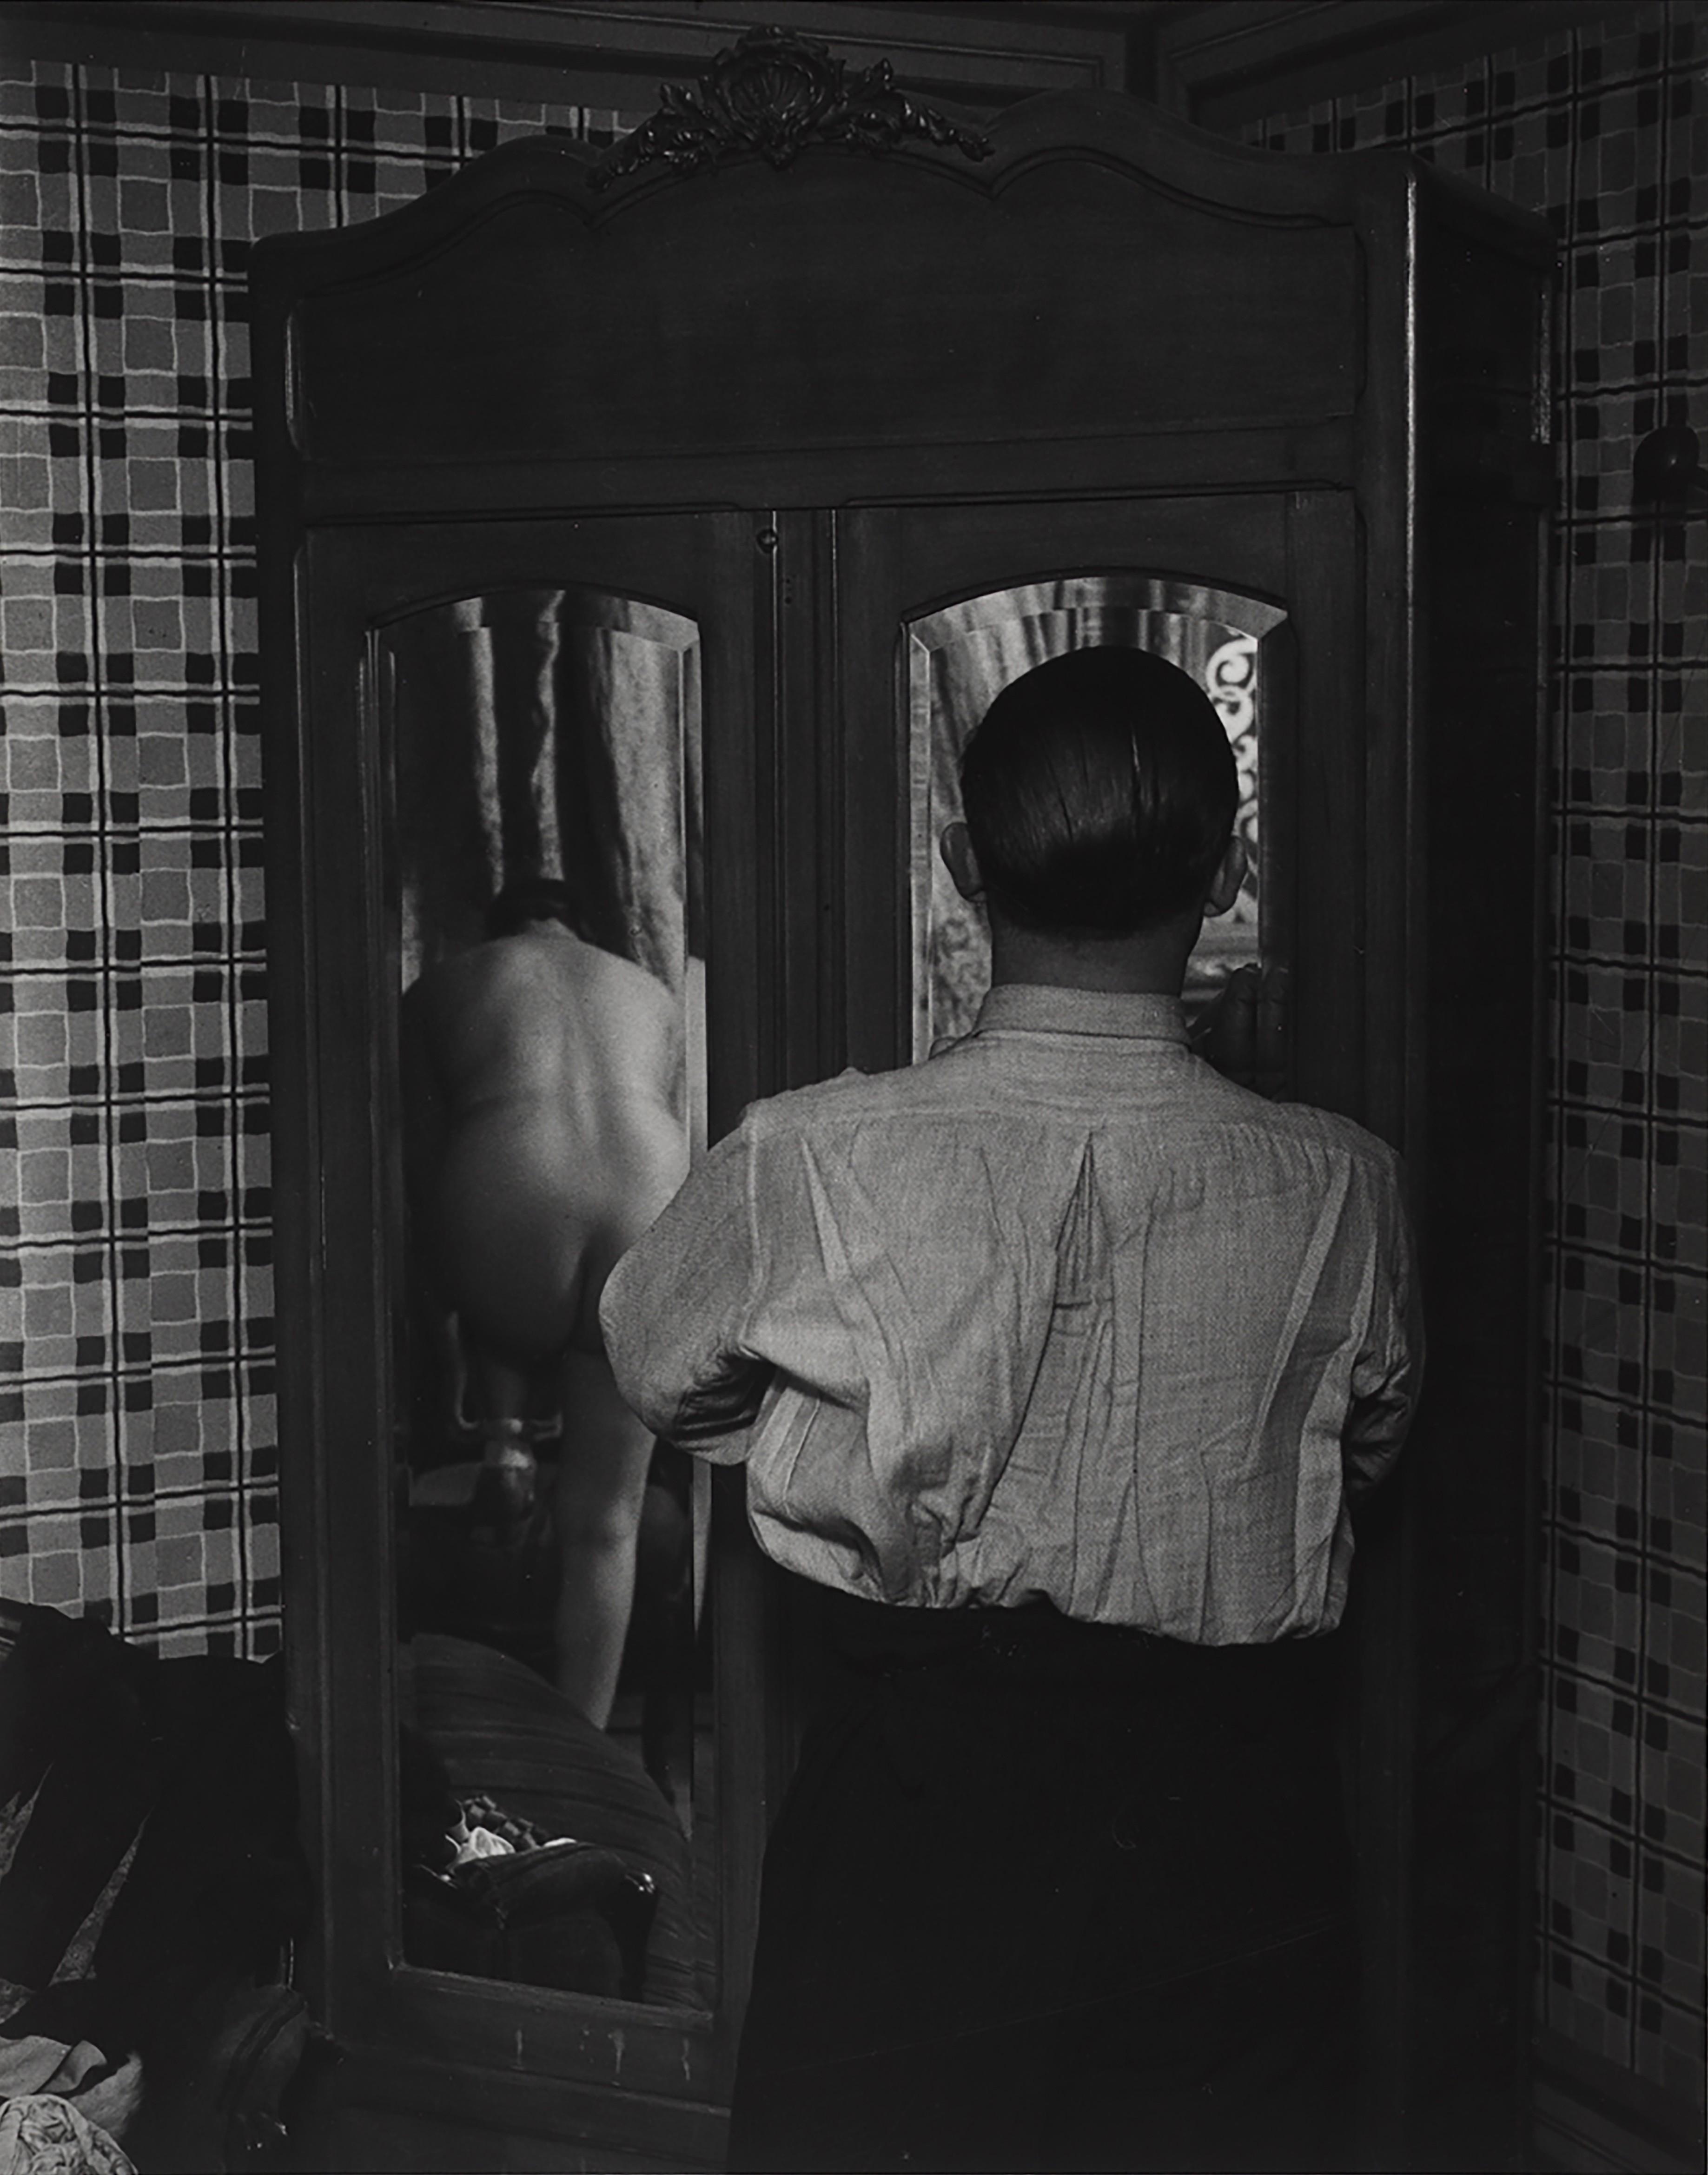 Зеркальный шкаф в борделе, 1932. Фотограф Брассаи